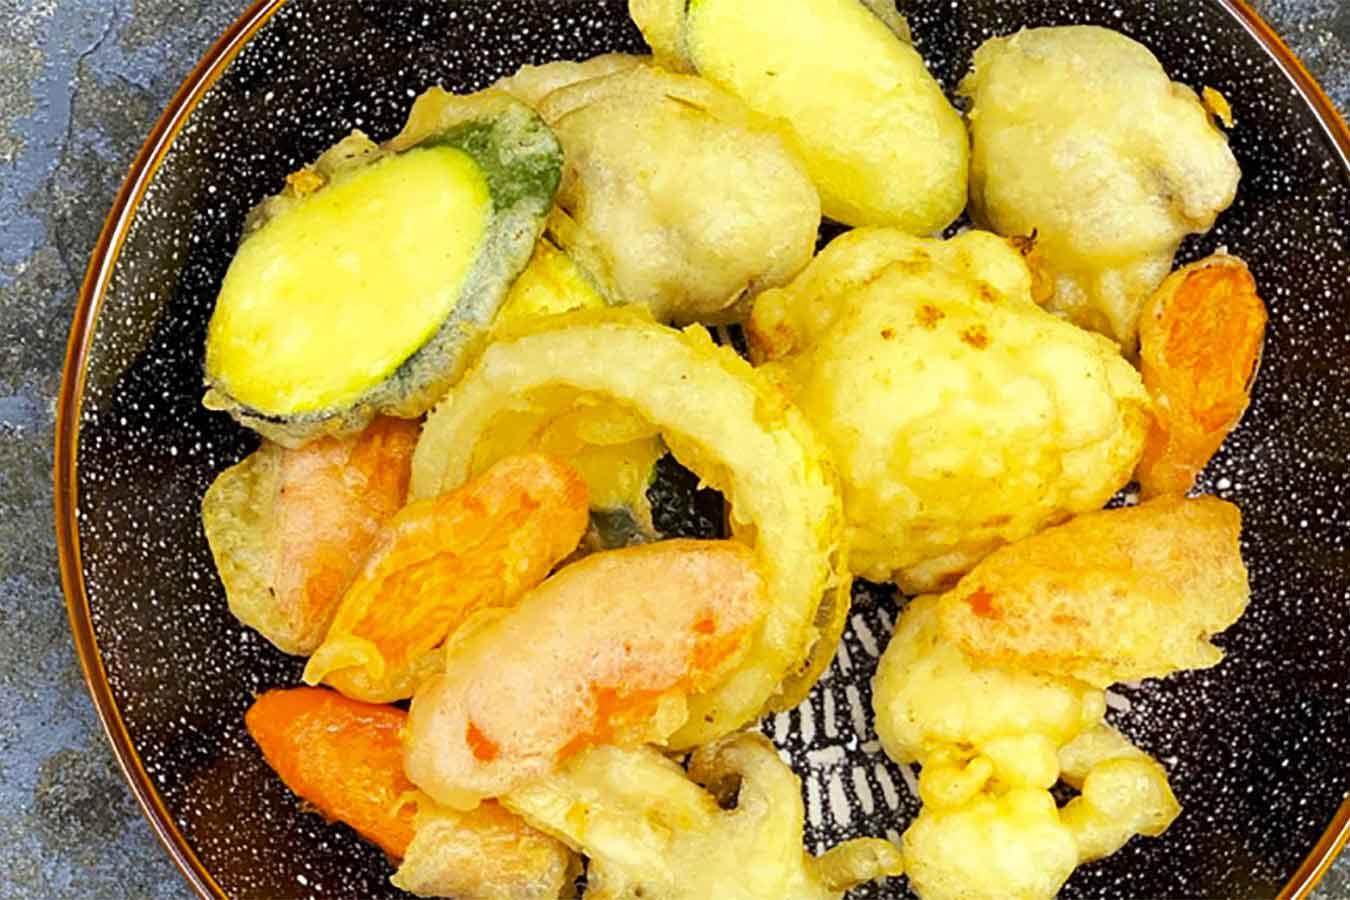 Impanatura, pastella e tempura: la frittura tra segreti e errori da evitare